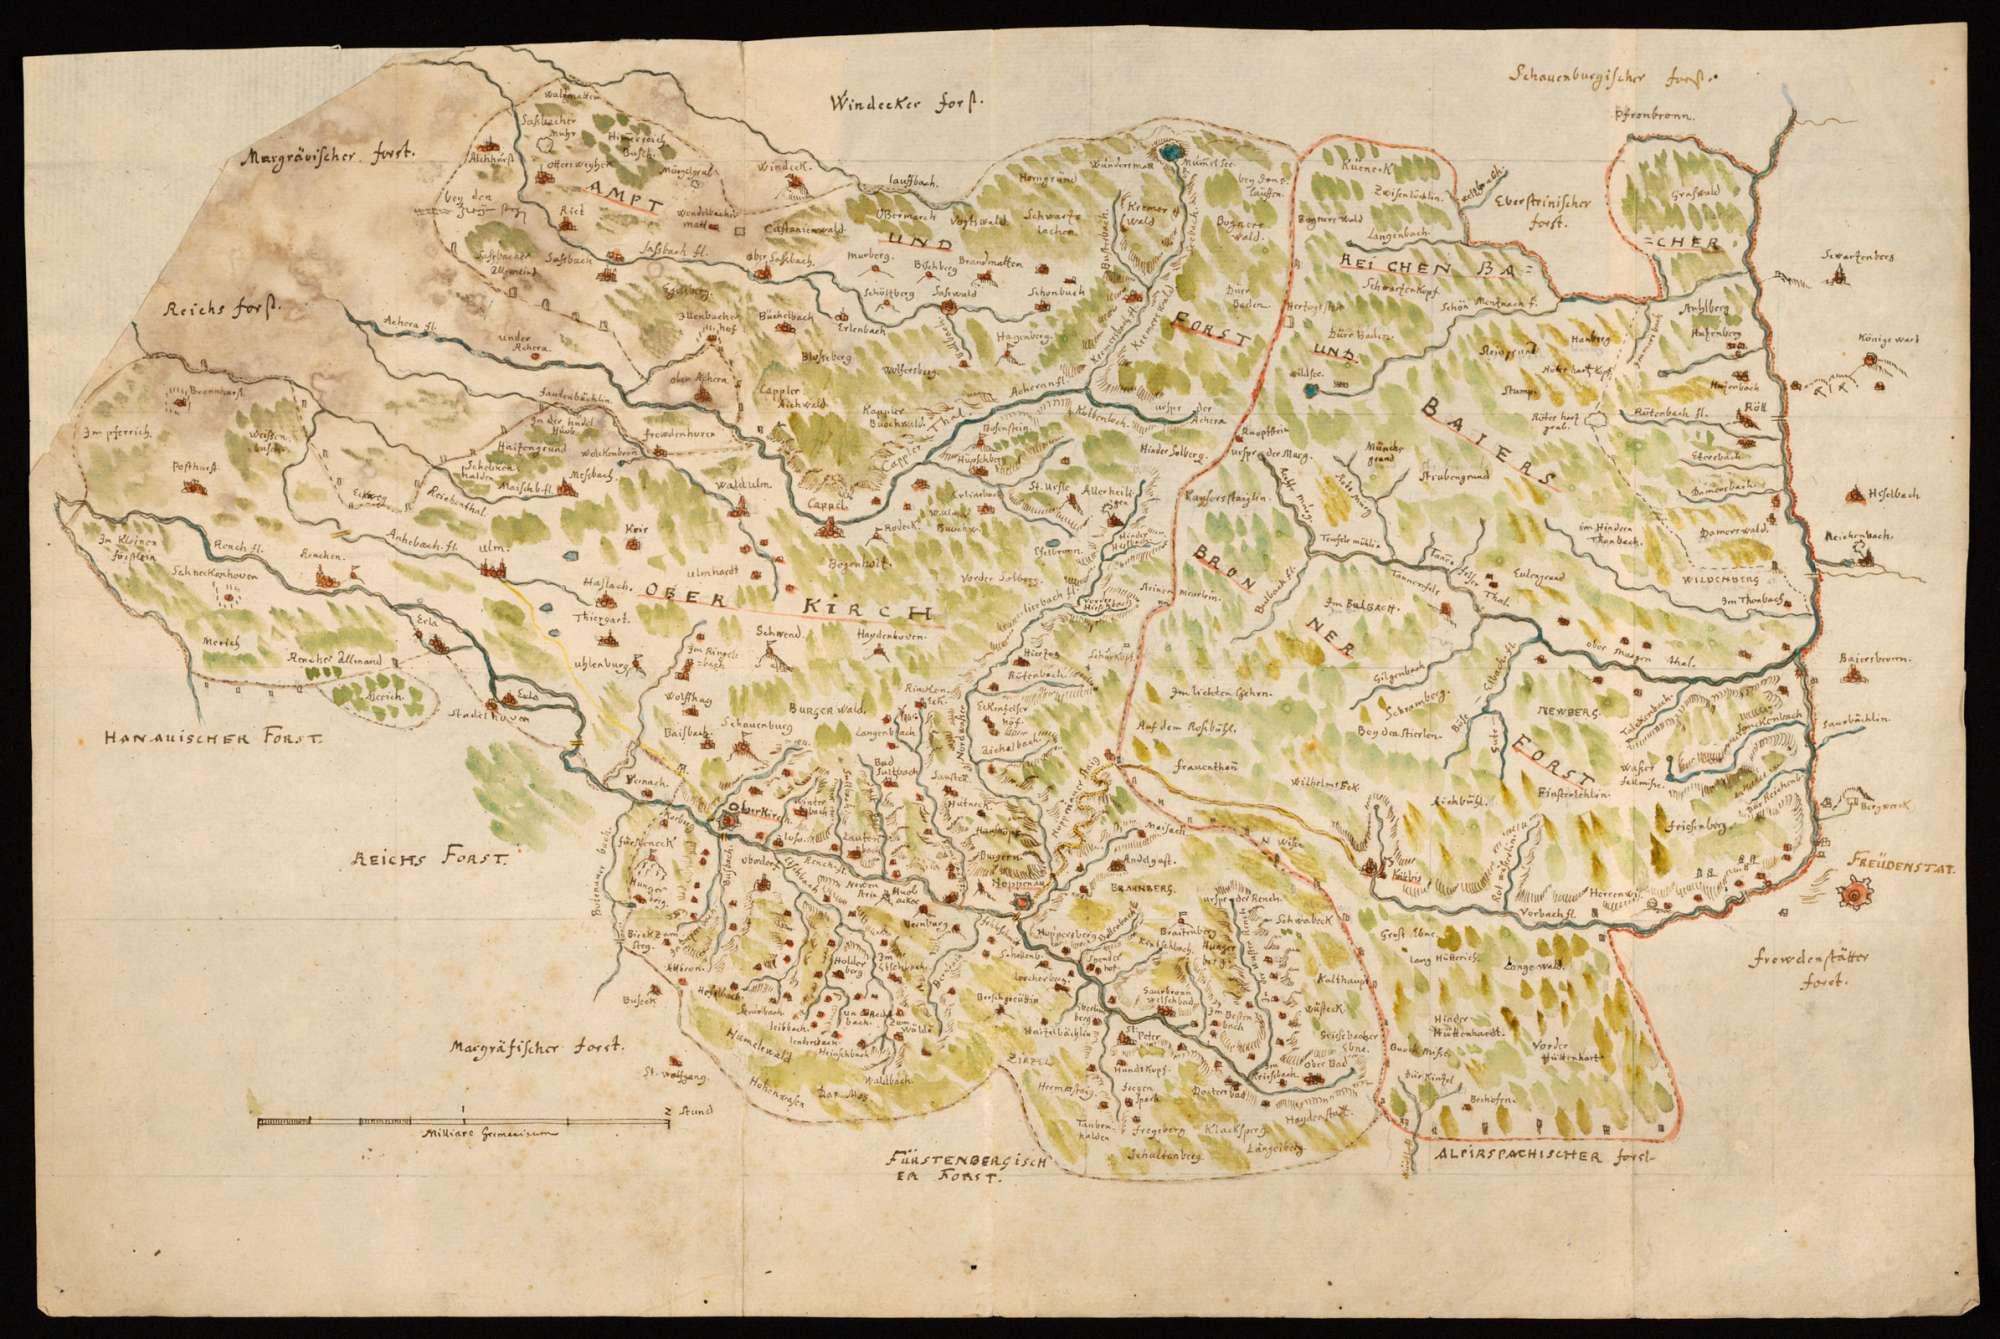 [Karte von Forst und Amt Oberkirch sowie des Reichenbacher und Baiersbronner Forsts], Bild 1